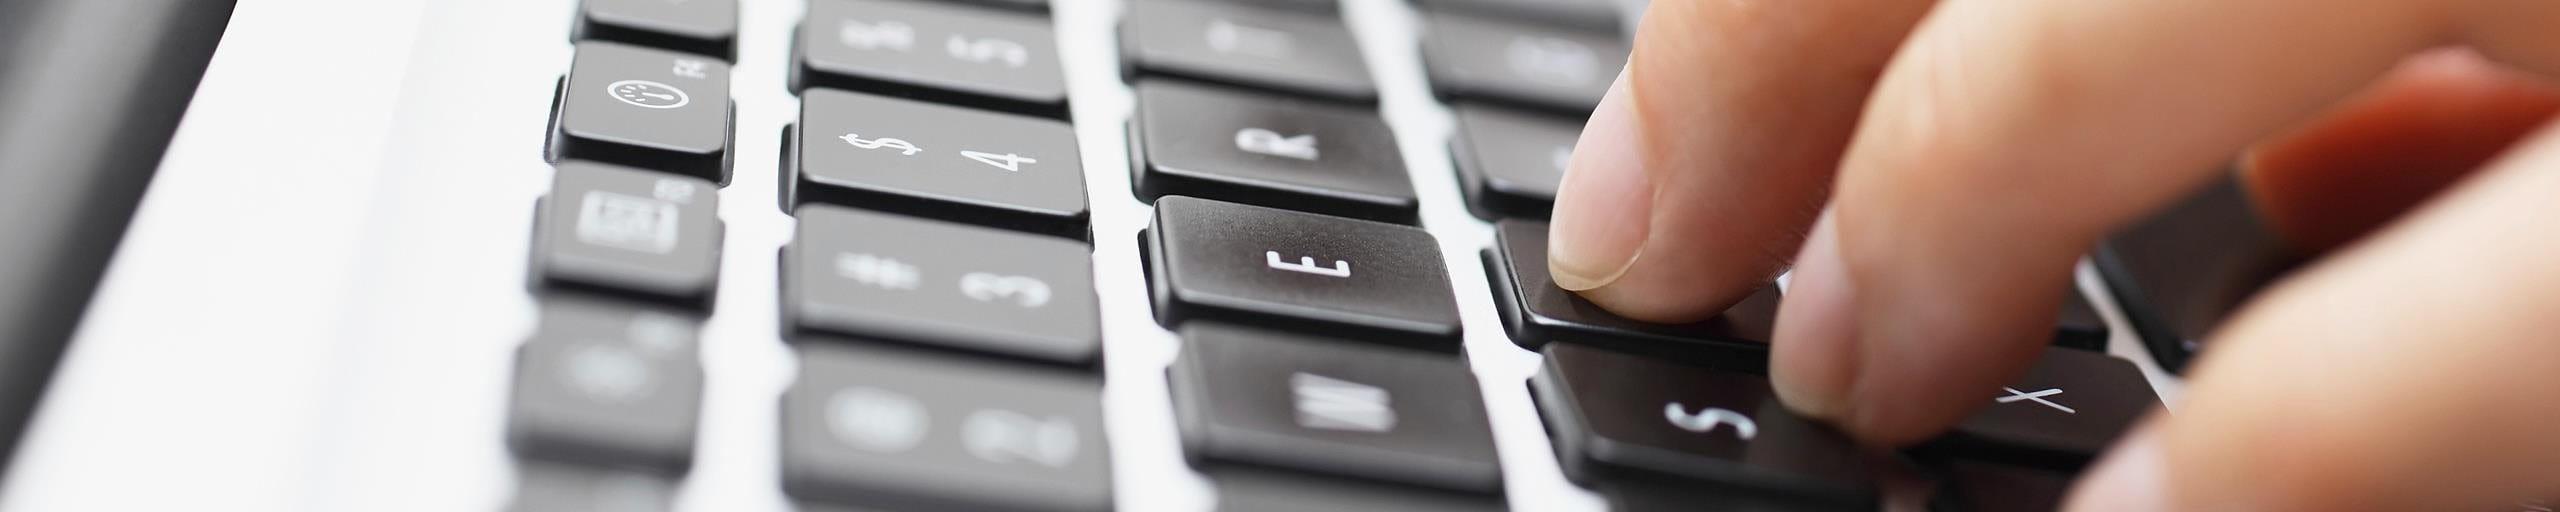 Une personne tape un texte sur son ordinateur.